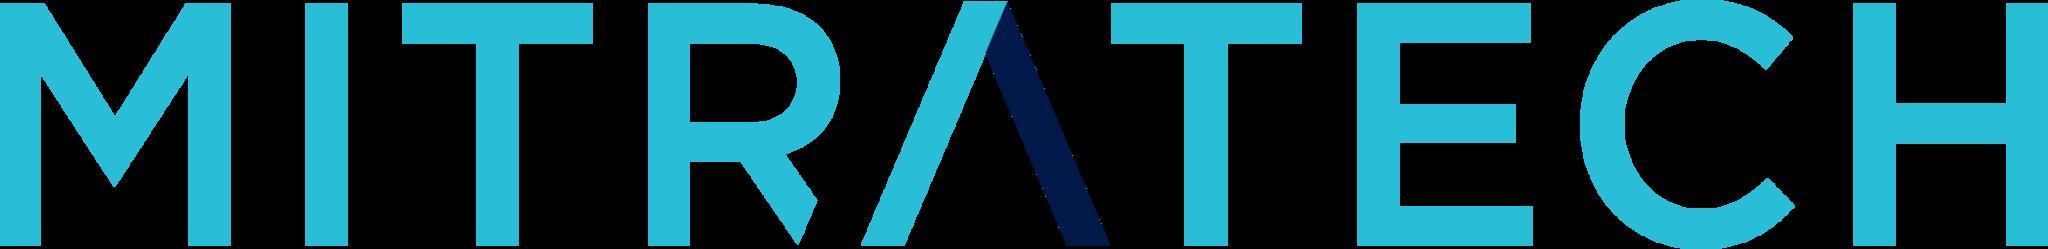 Mitratech Enterprise Legal Management logo